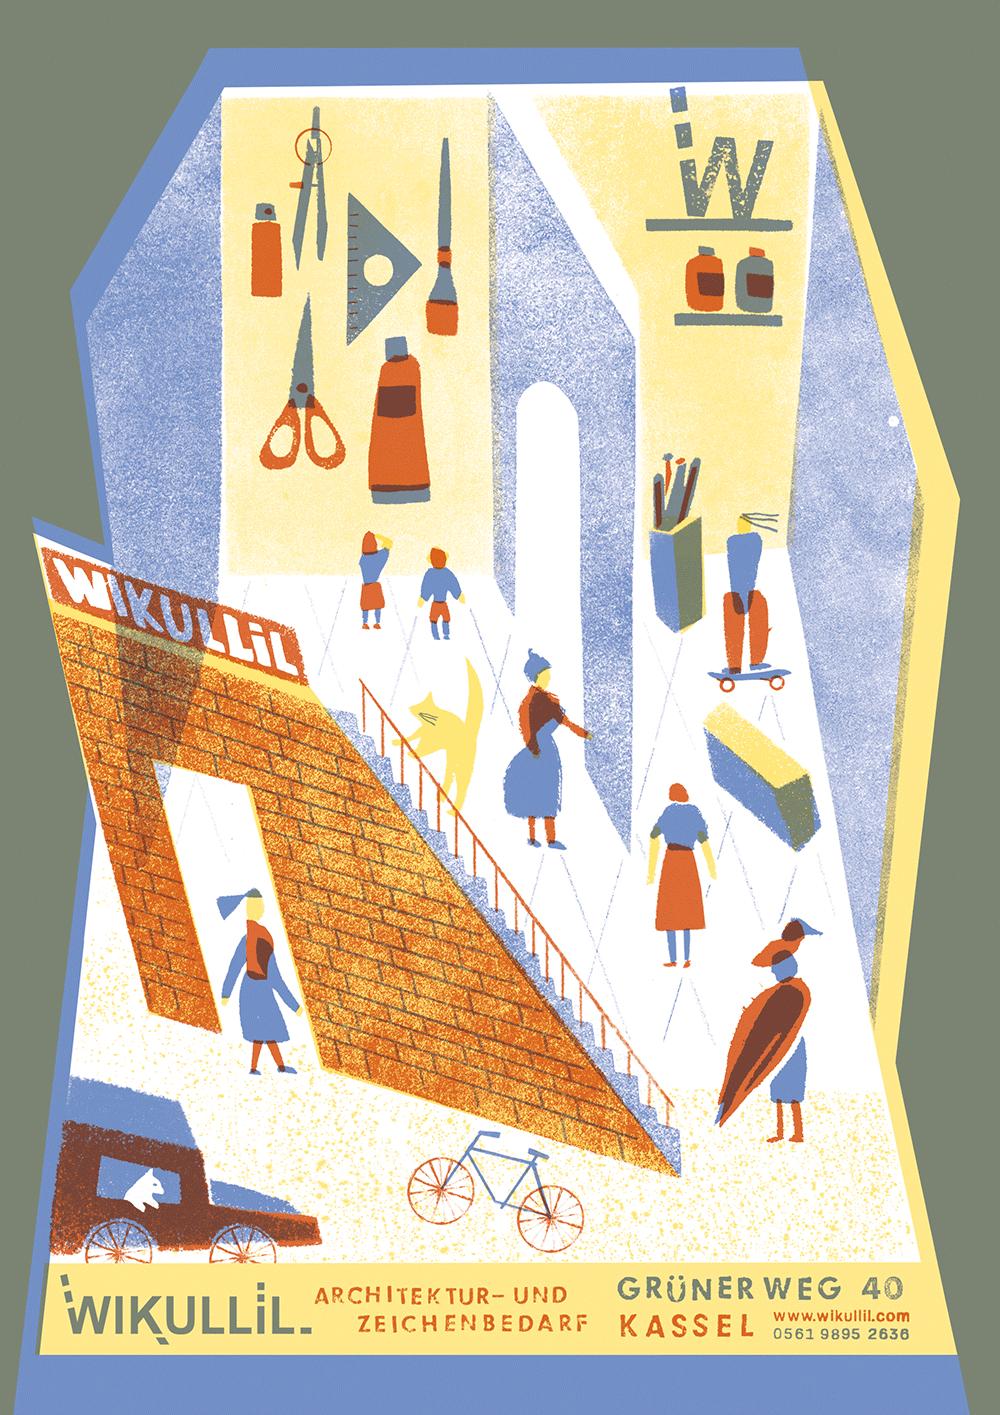 Illustrierte Anzeige von Yu Kim